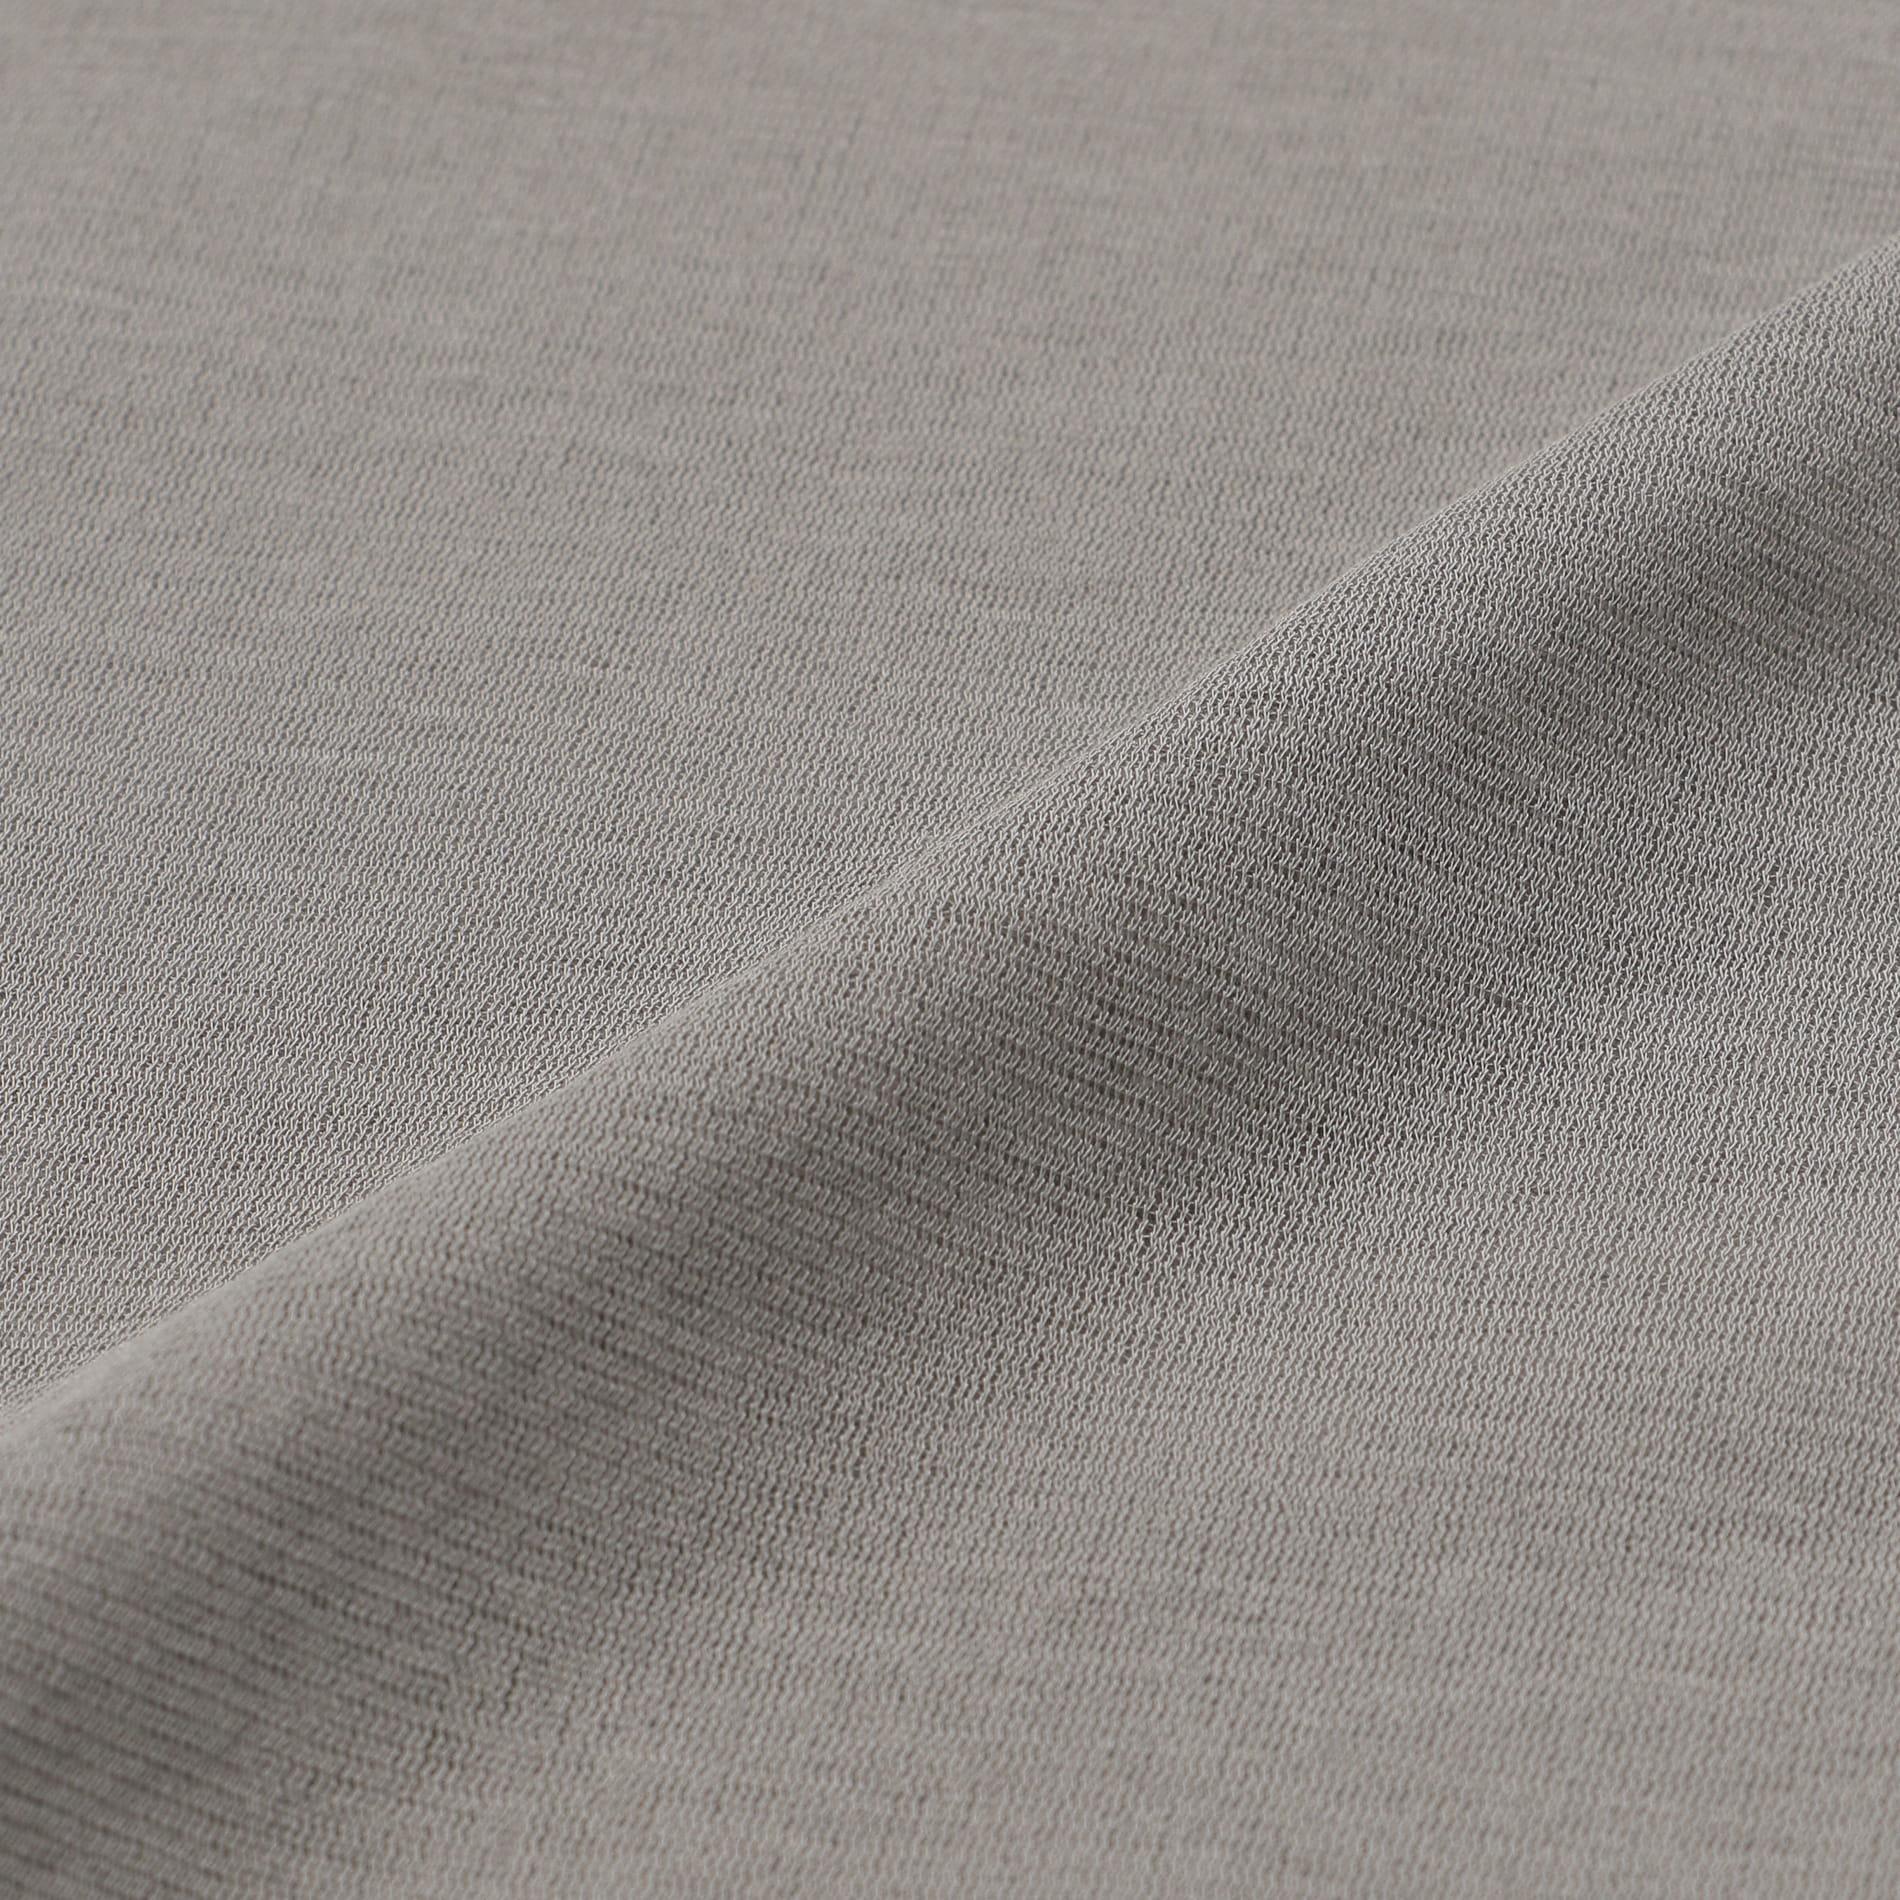 〈タイムセール〉【08sircus】WOMEN ジャージロングトップ S19SL-TS13